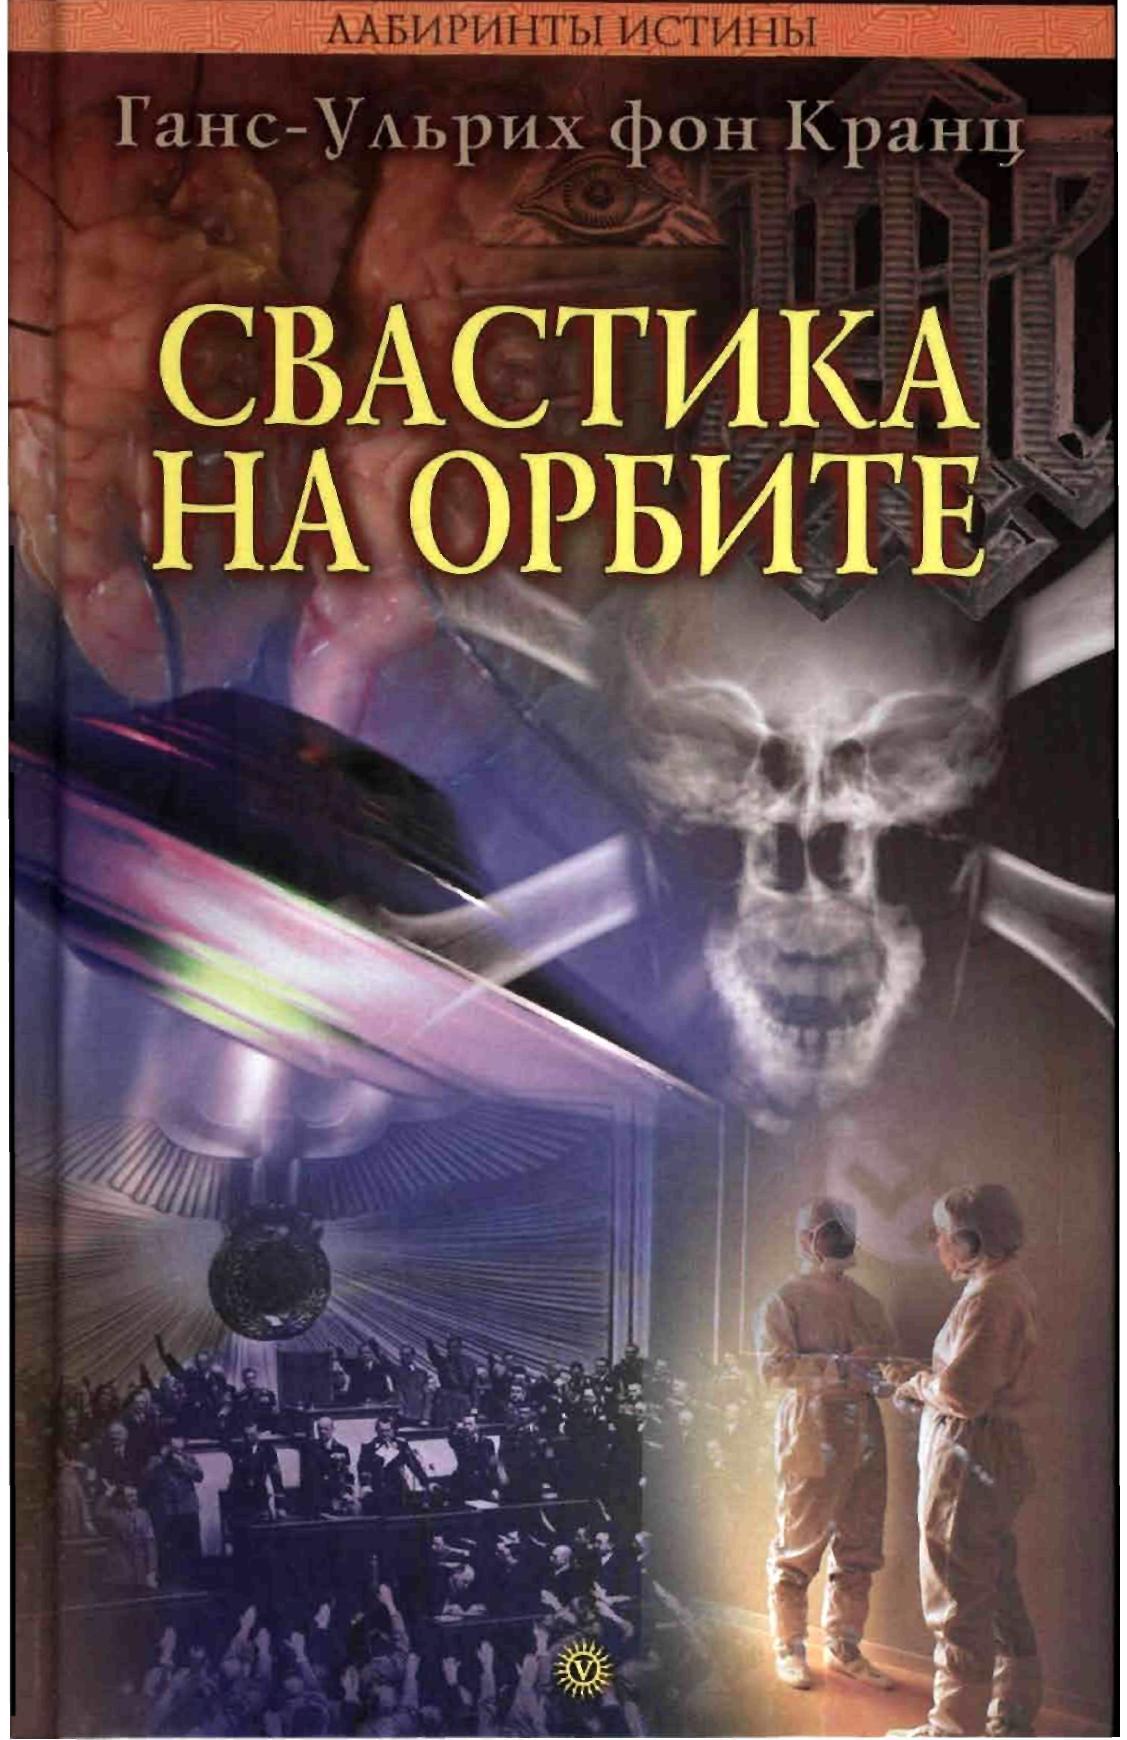 ФОН КРАНЦ ГАНС-УЛЬРИХ СКАЧАТЬ БЕСПЛАТНО